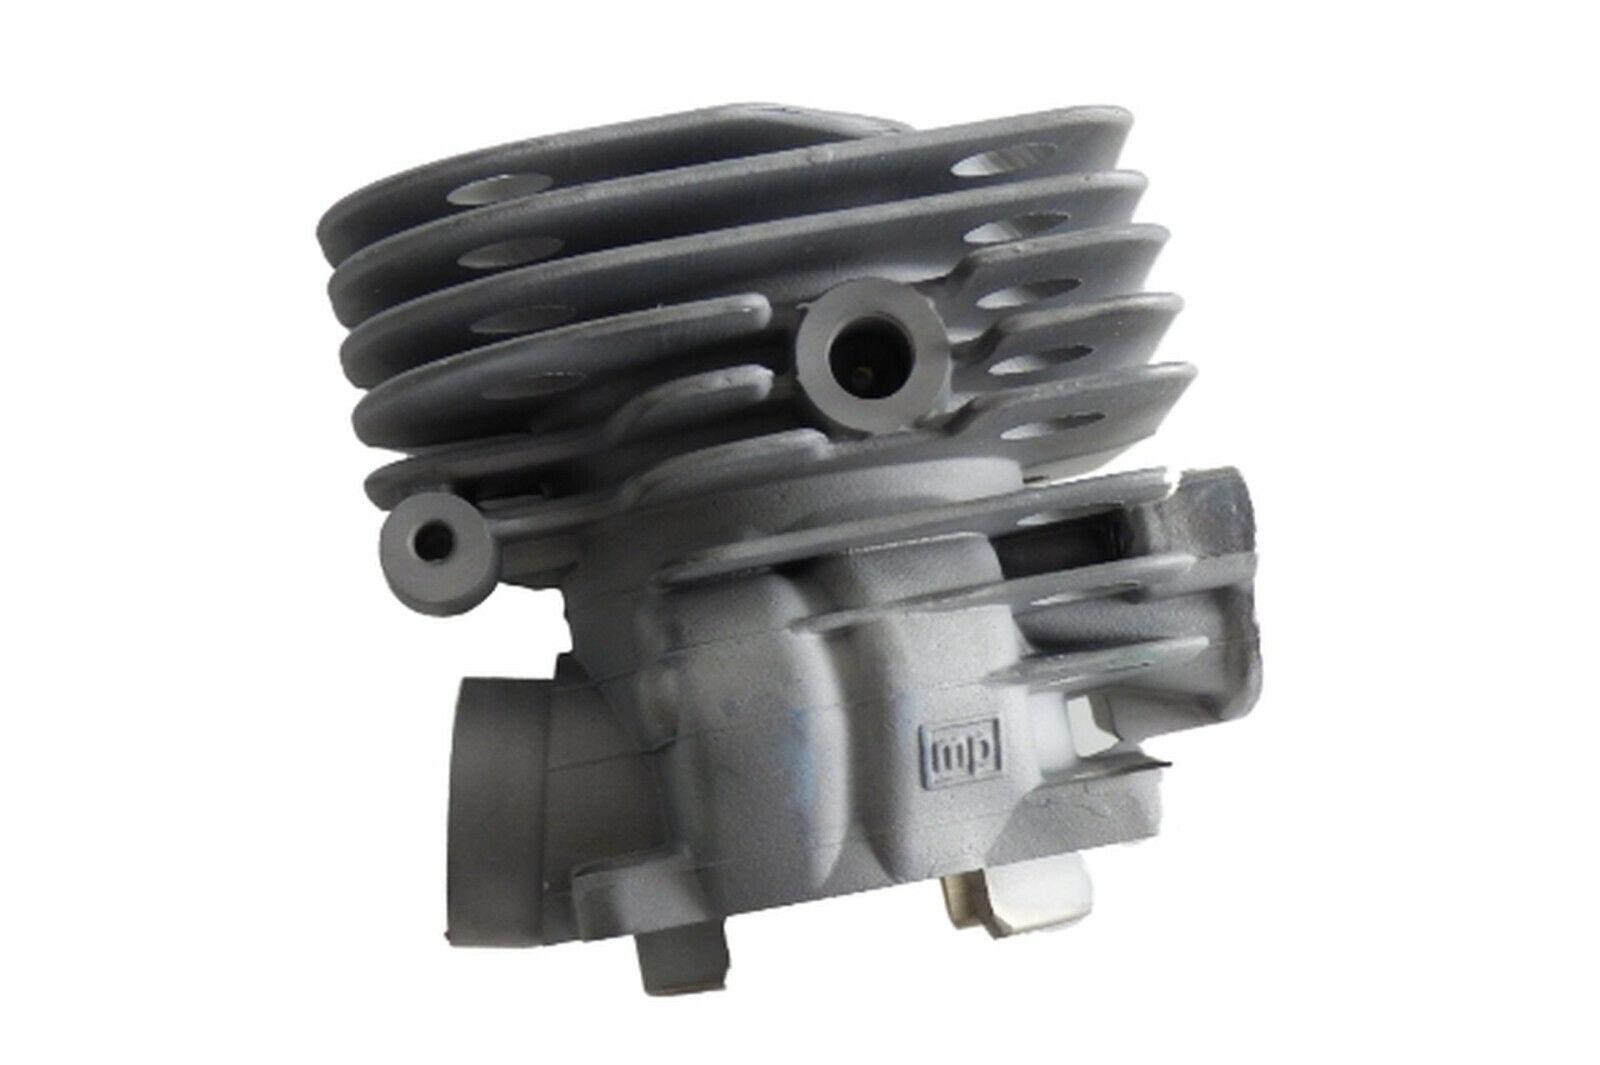 Kolben Zylinder passend Husqvarna 357xp   motorsäge kettensäge neu